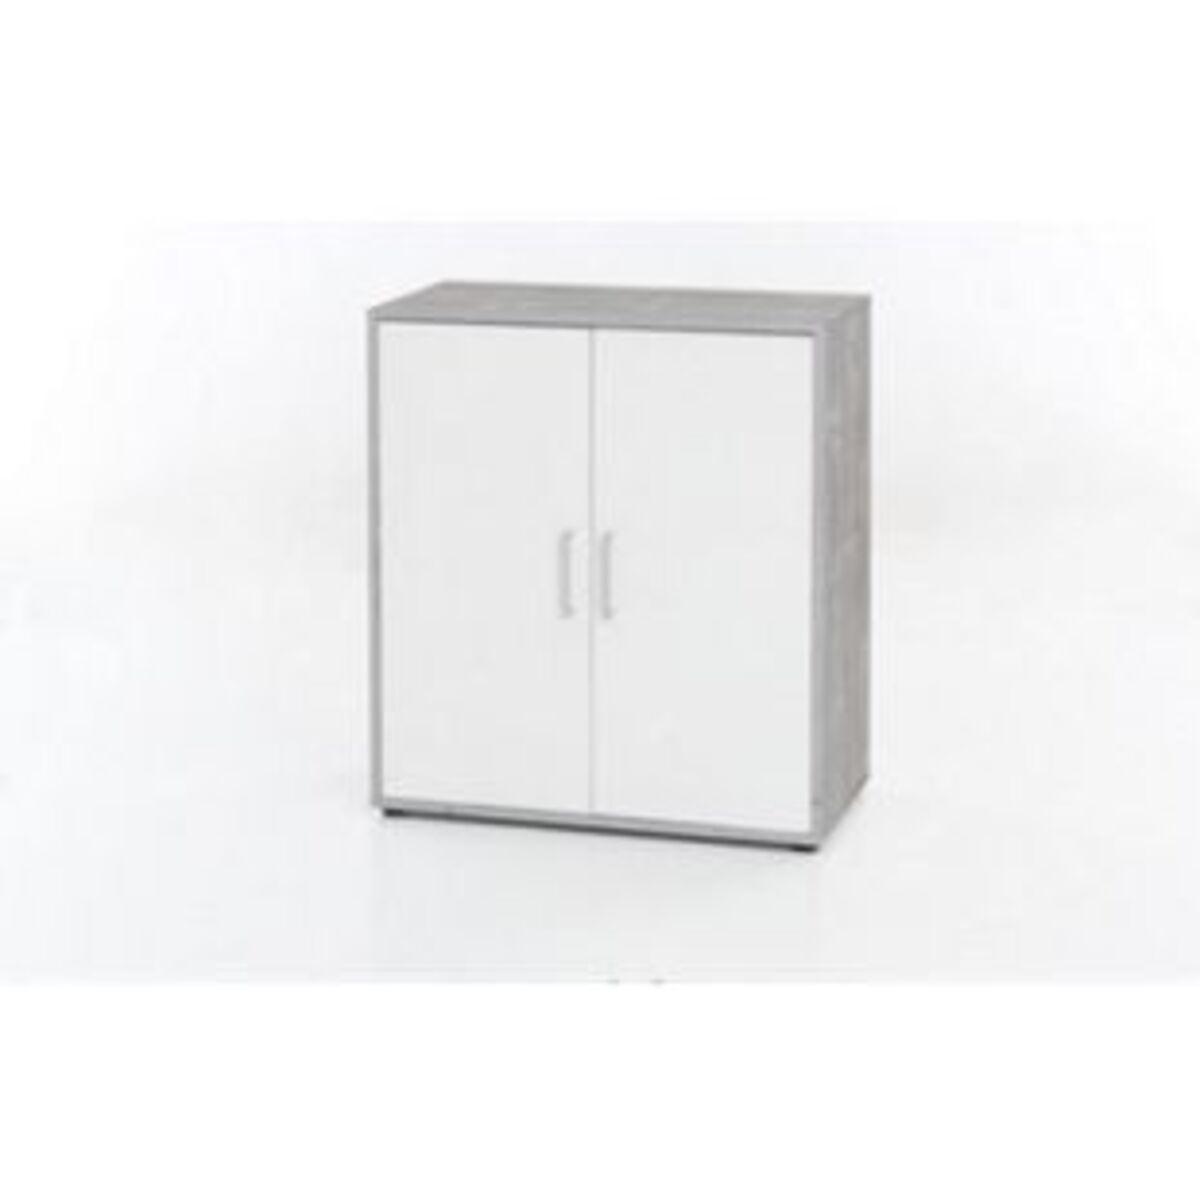 Bild 2 von Kommode mit 2 Türen, Ausf. Melamin Beton / Weiß Dekor